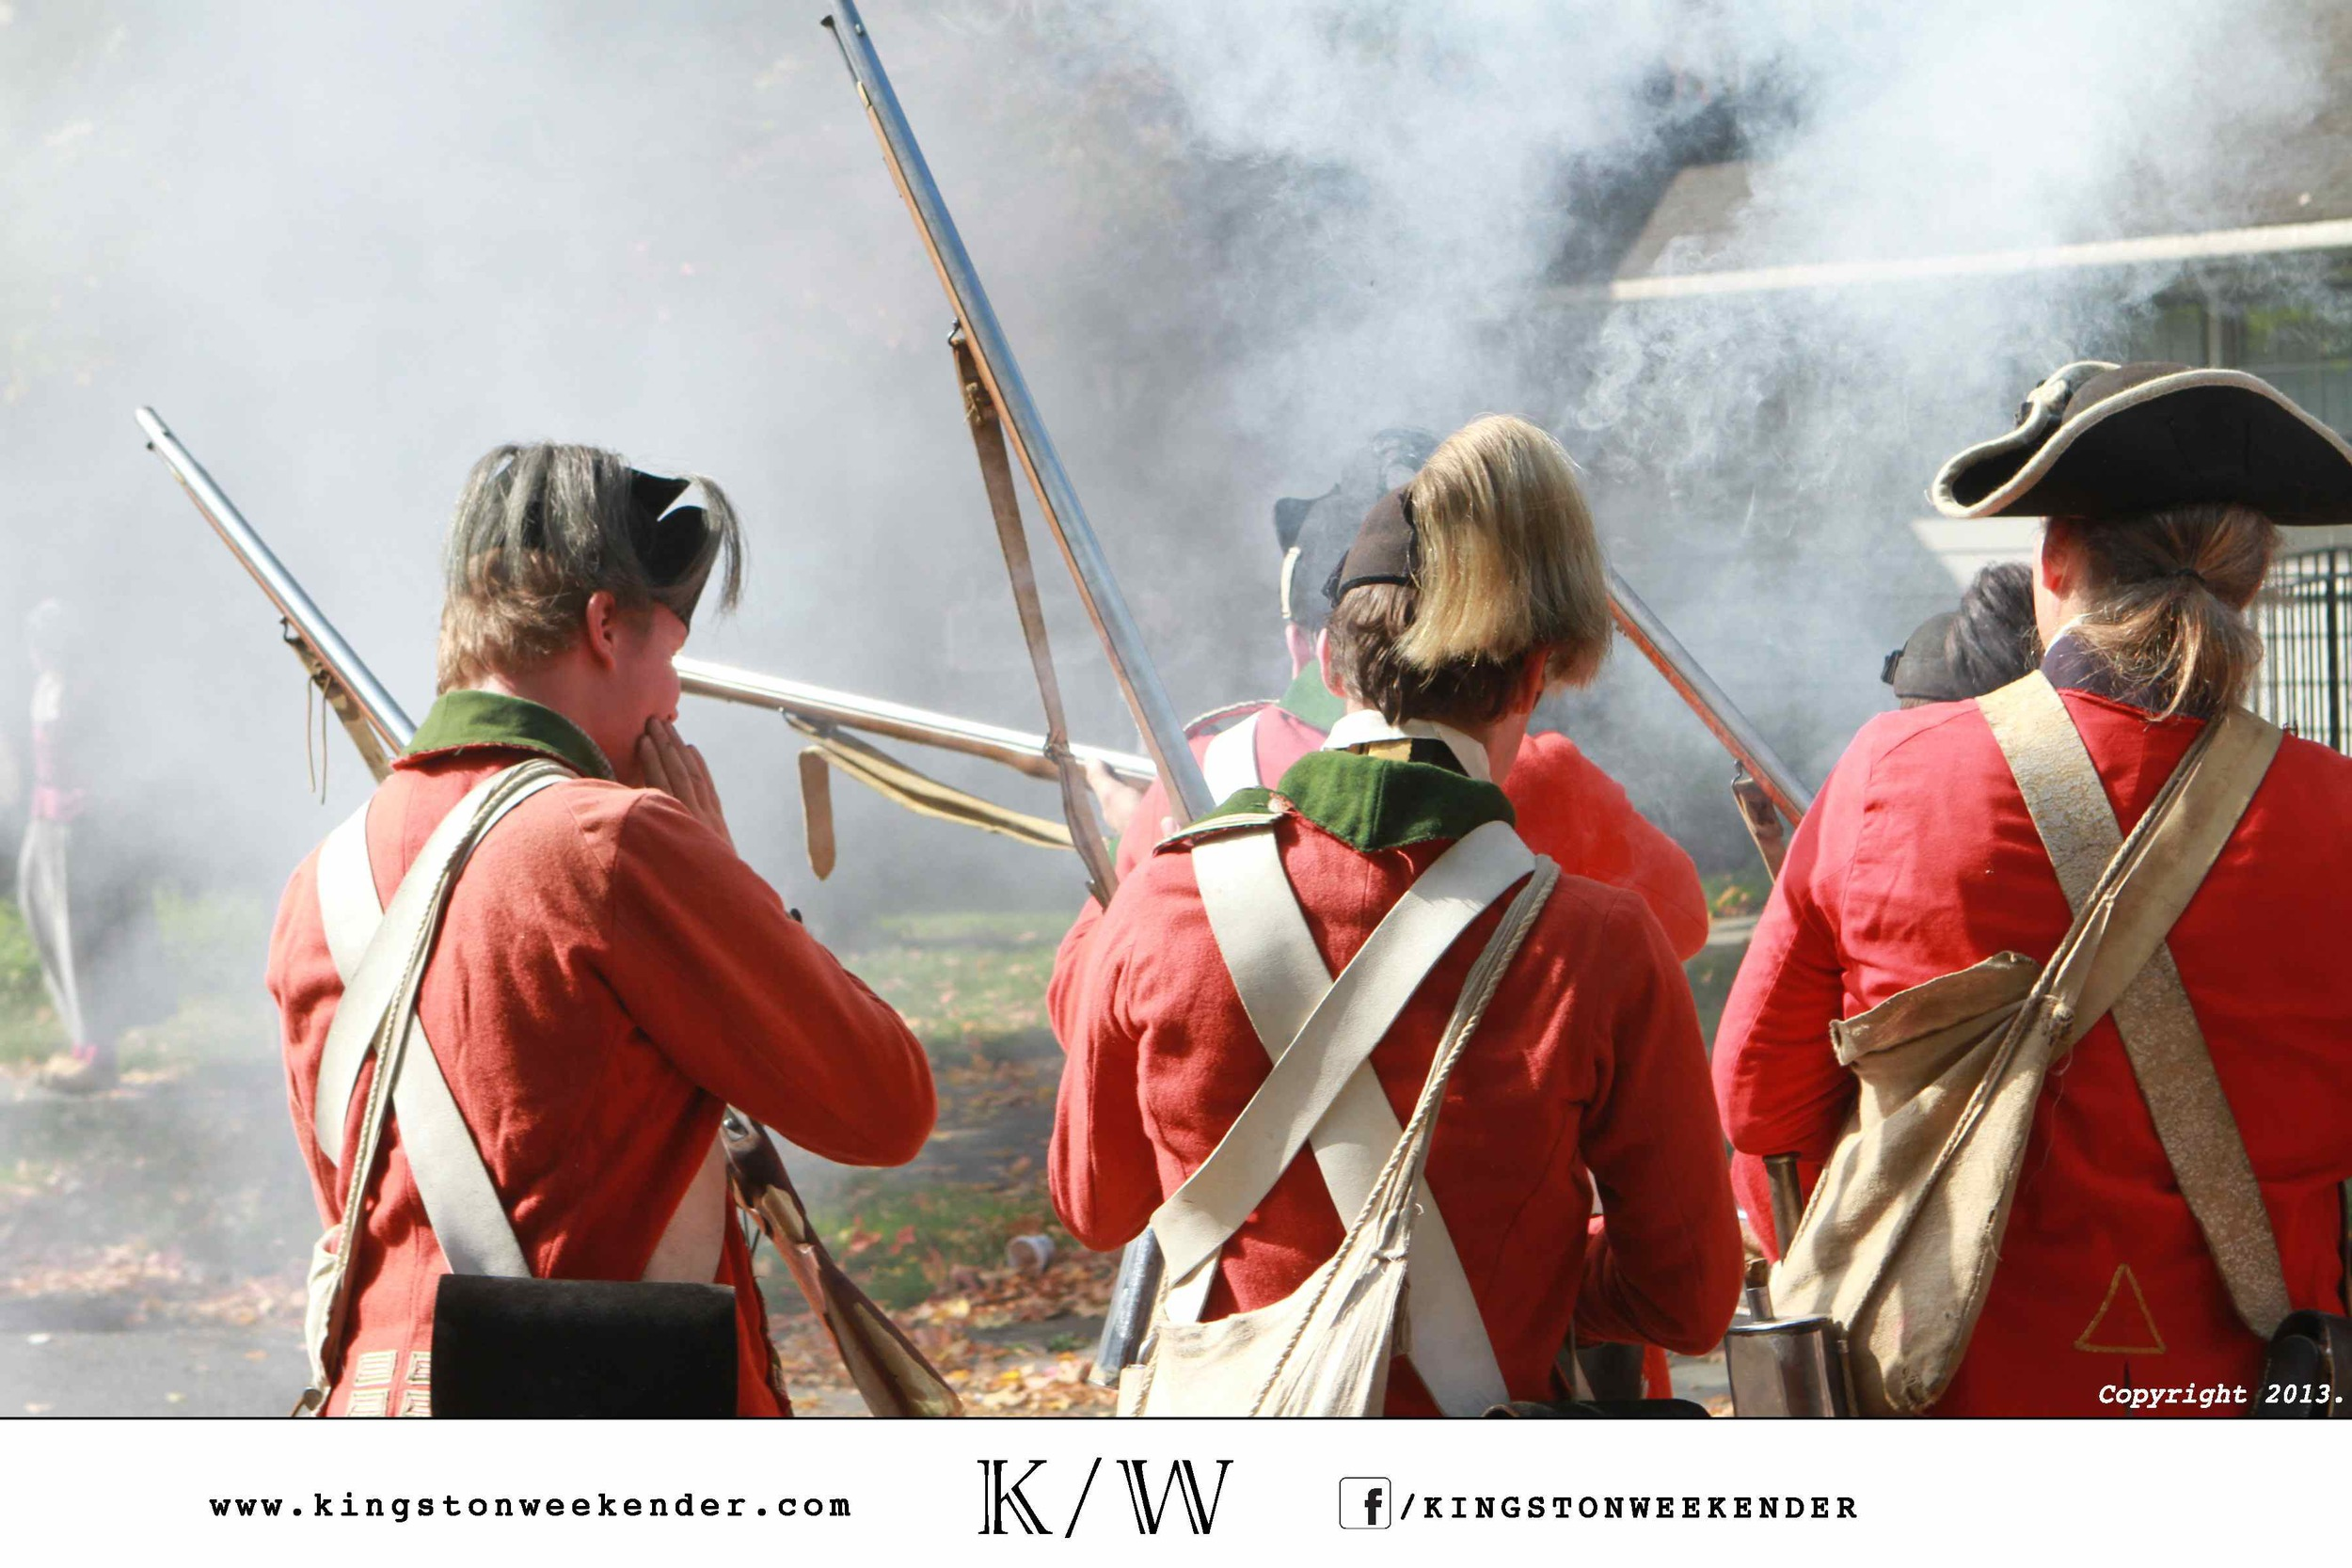 kingston-weekender-photo-credits42.jpg